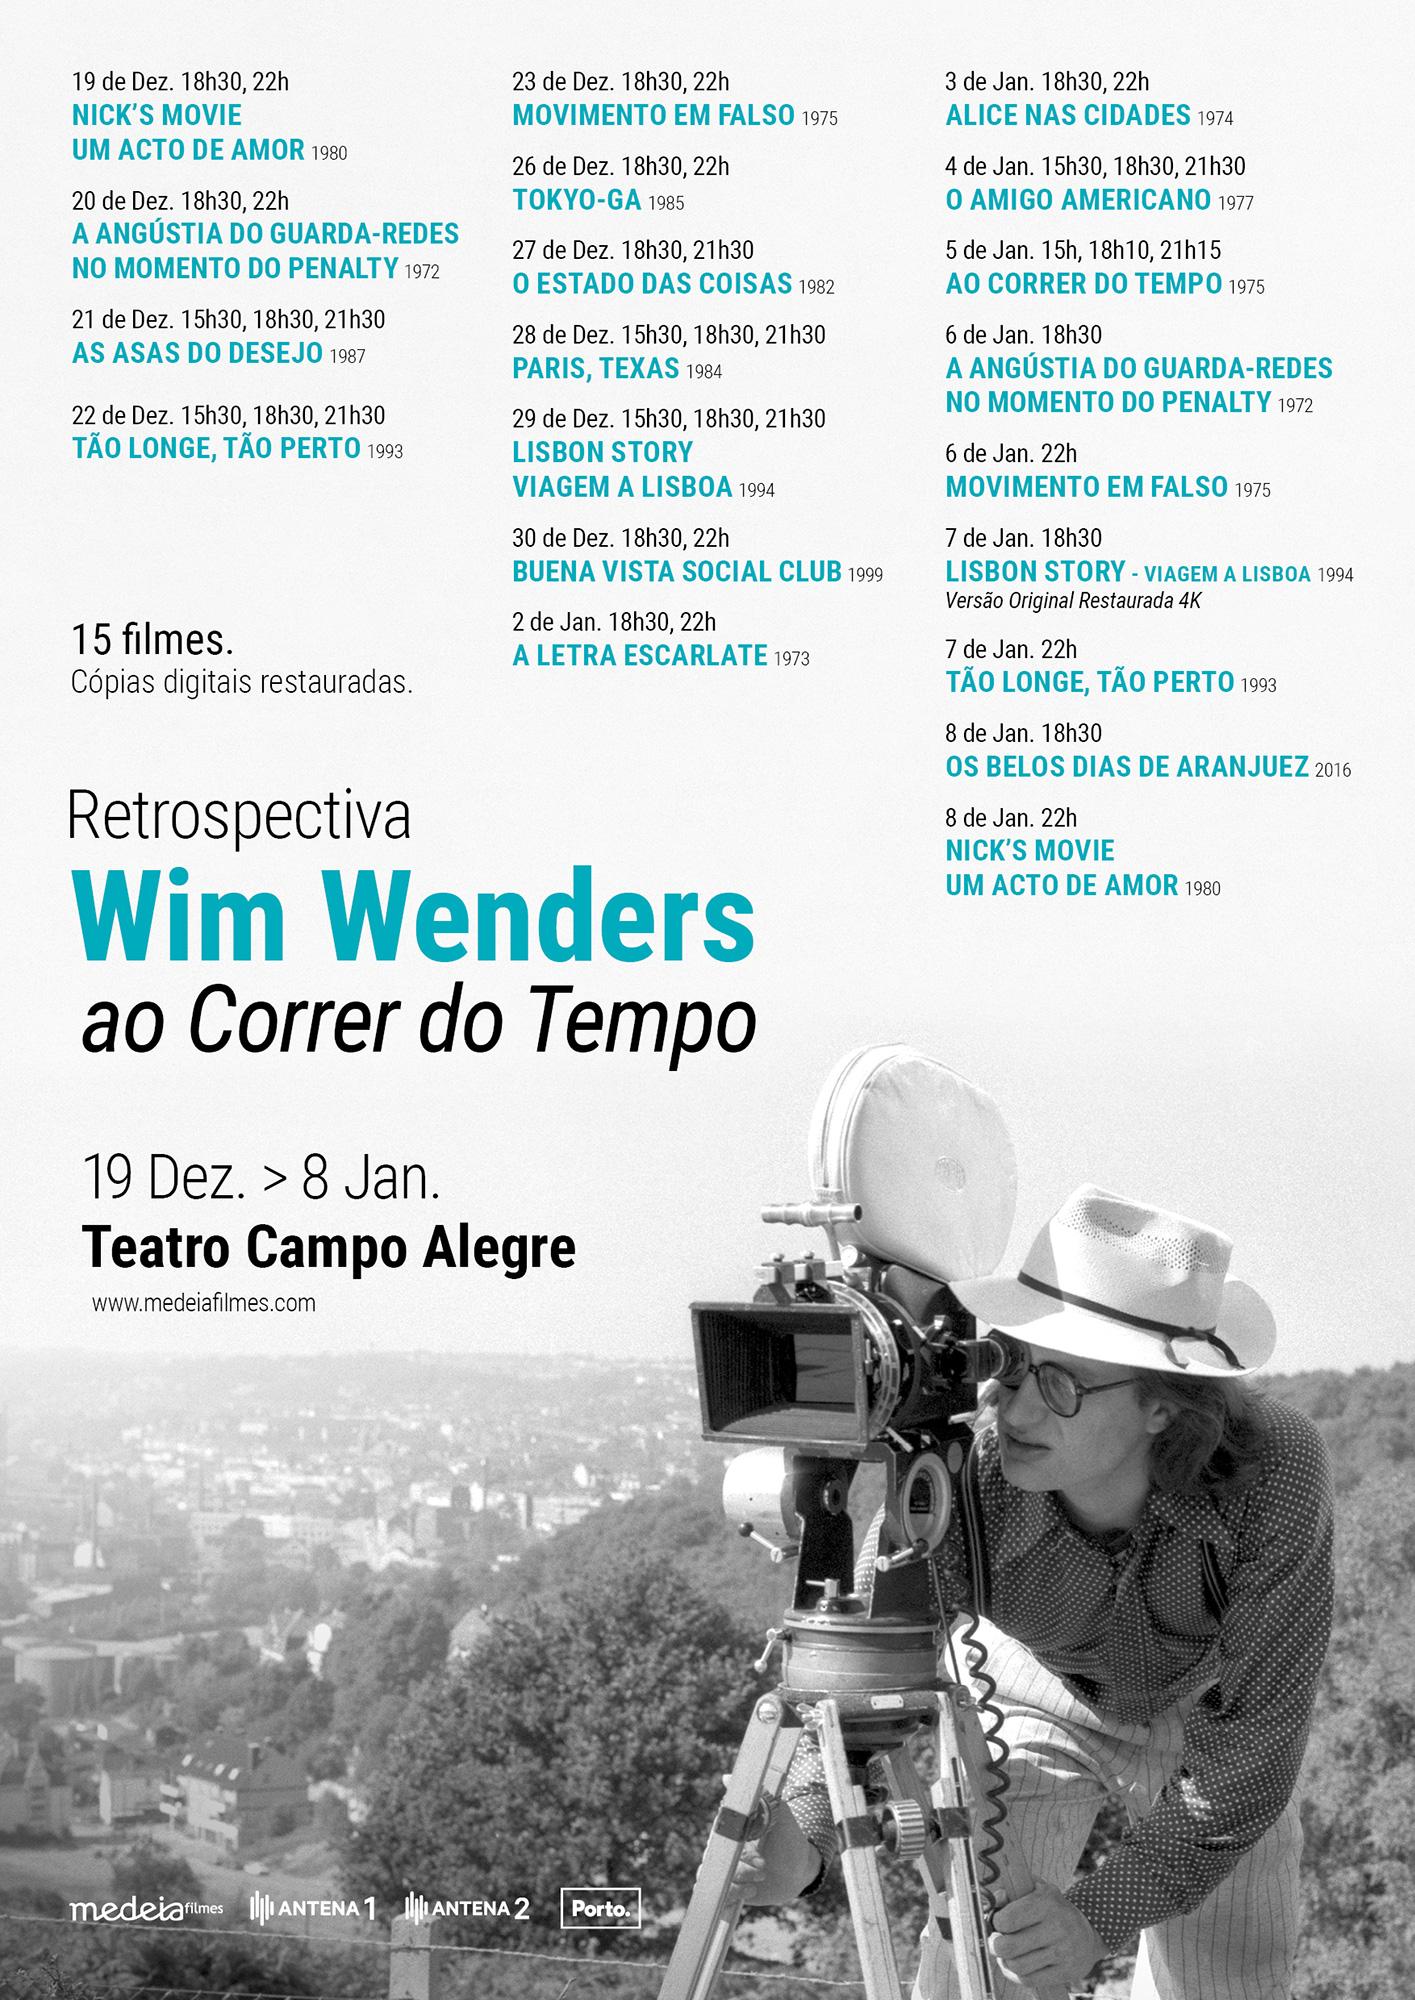 Wim-Wenders-ao-Correr-do-Tempo-TCA